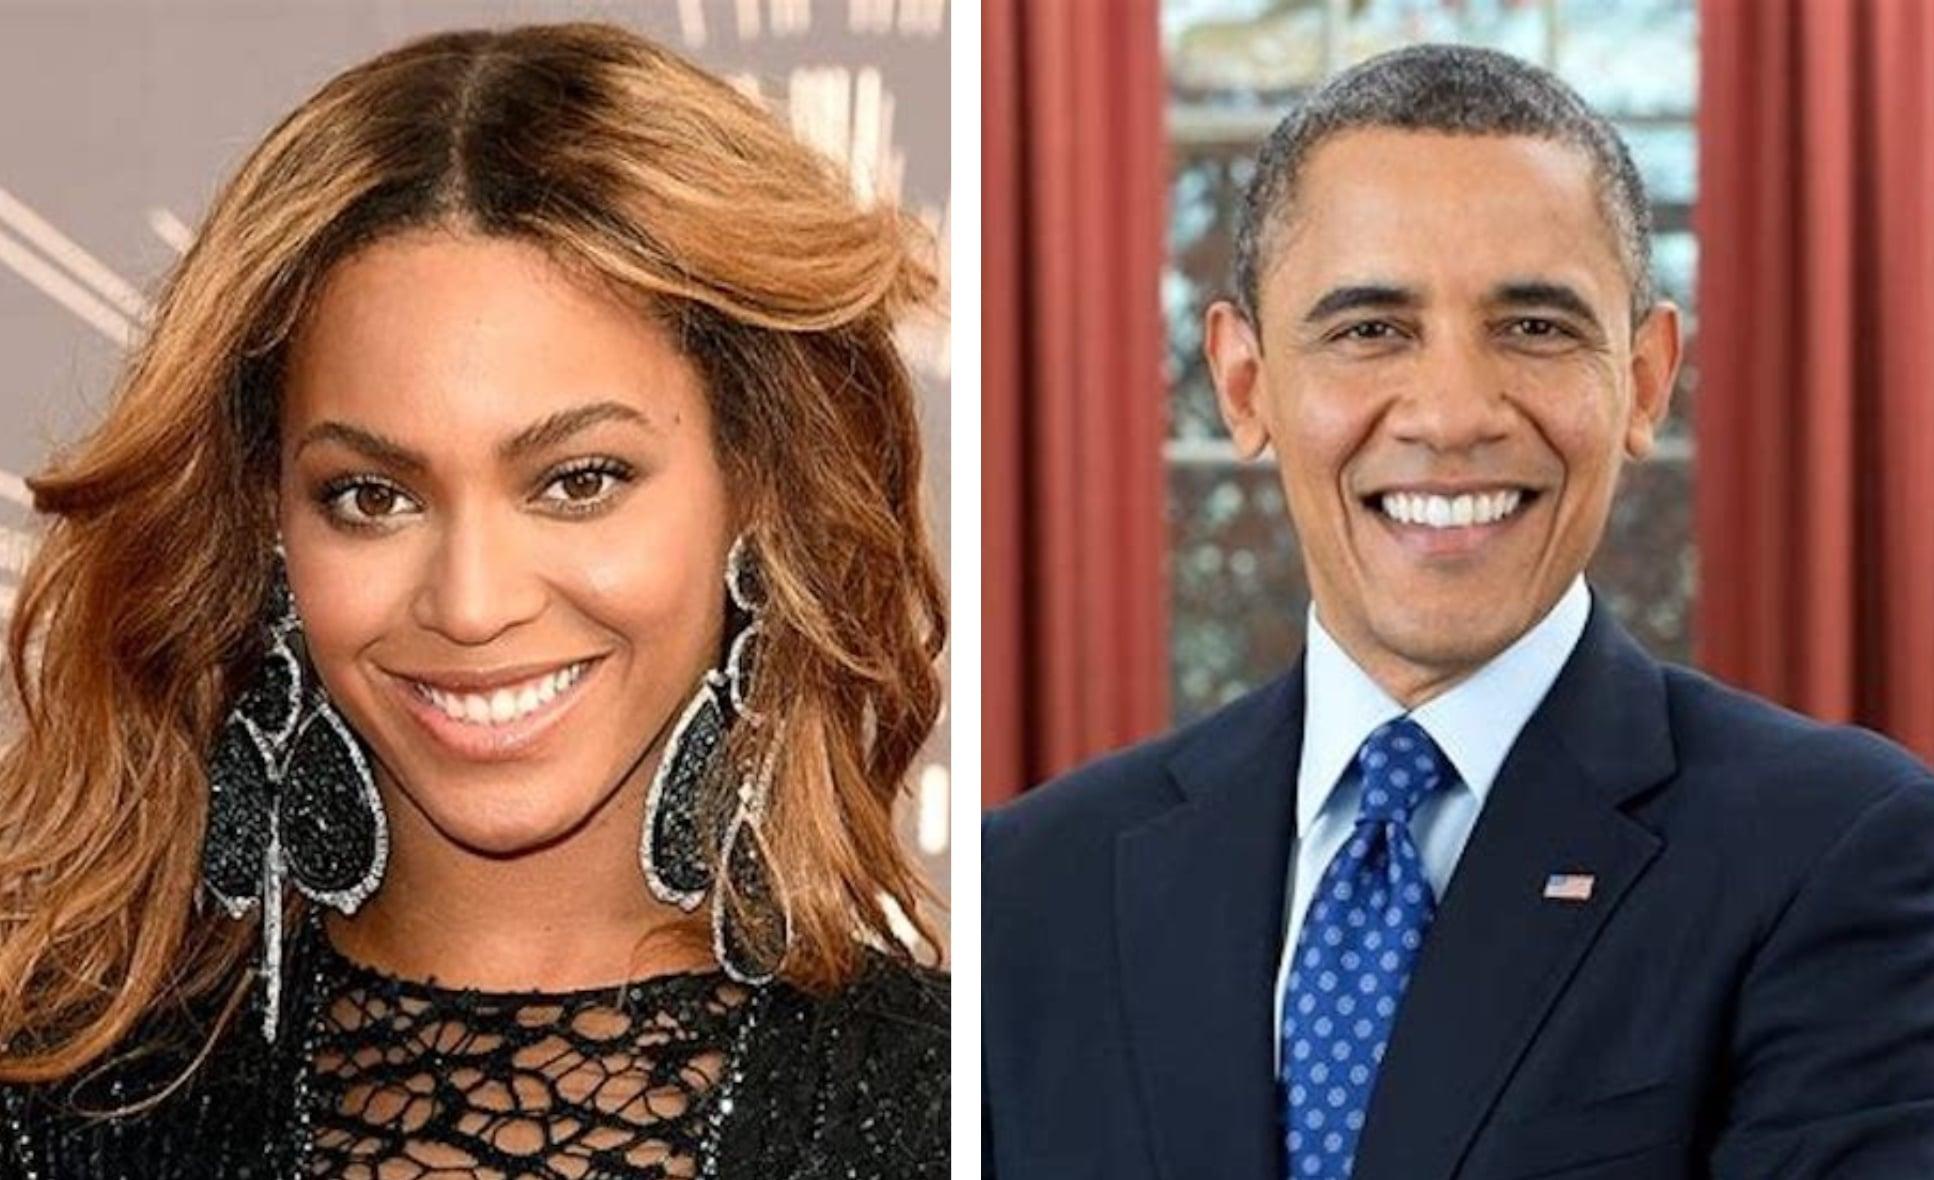 Ces célébrités ont du sang royal dans leurs veines !